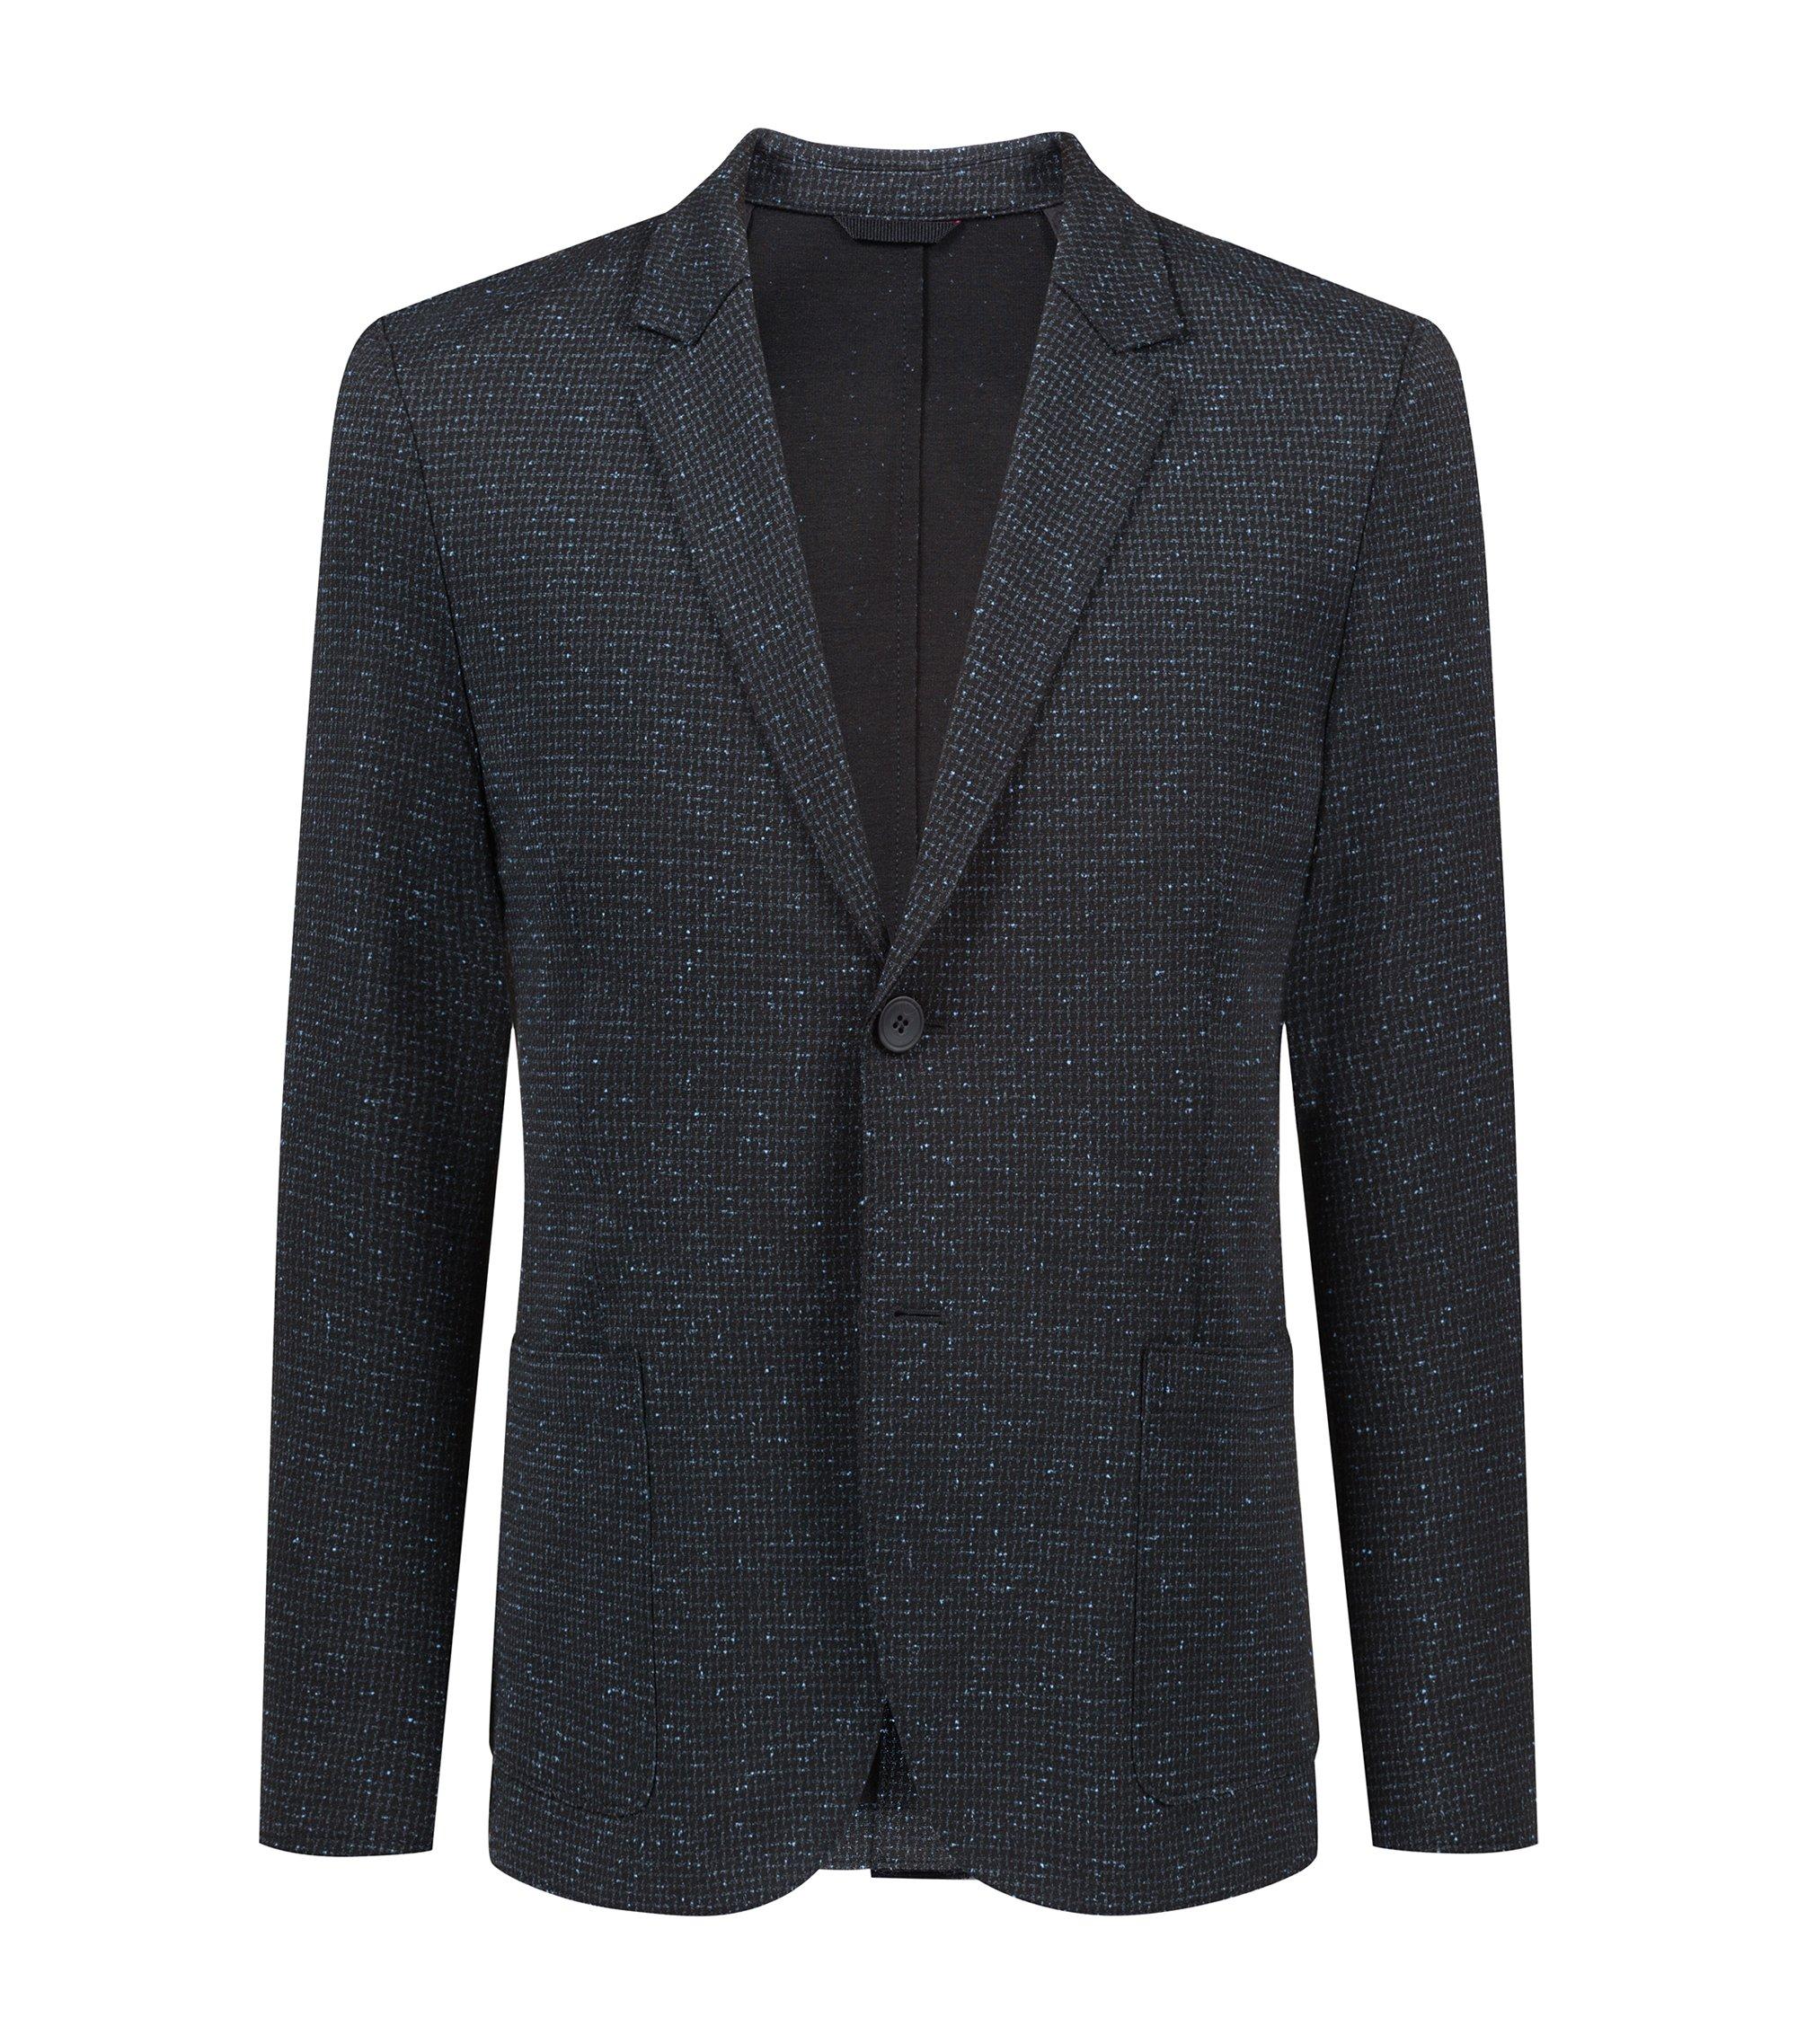 Extra-slim-fit stretch-jersey blazer with raw edges, Black